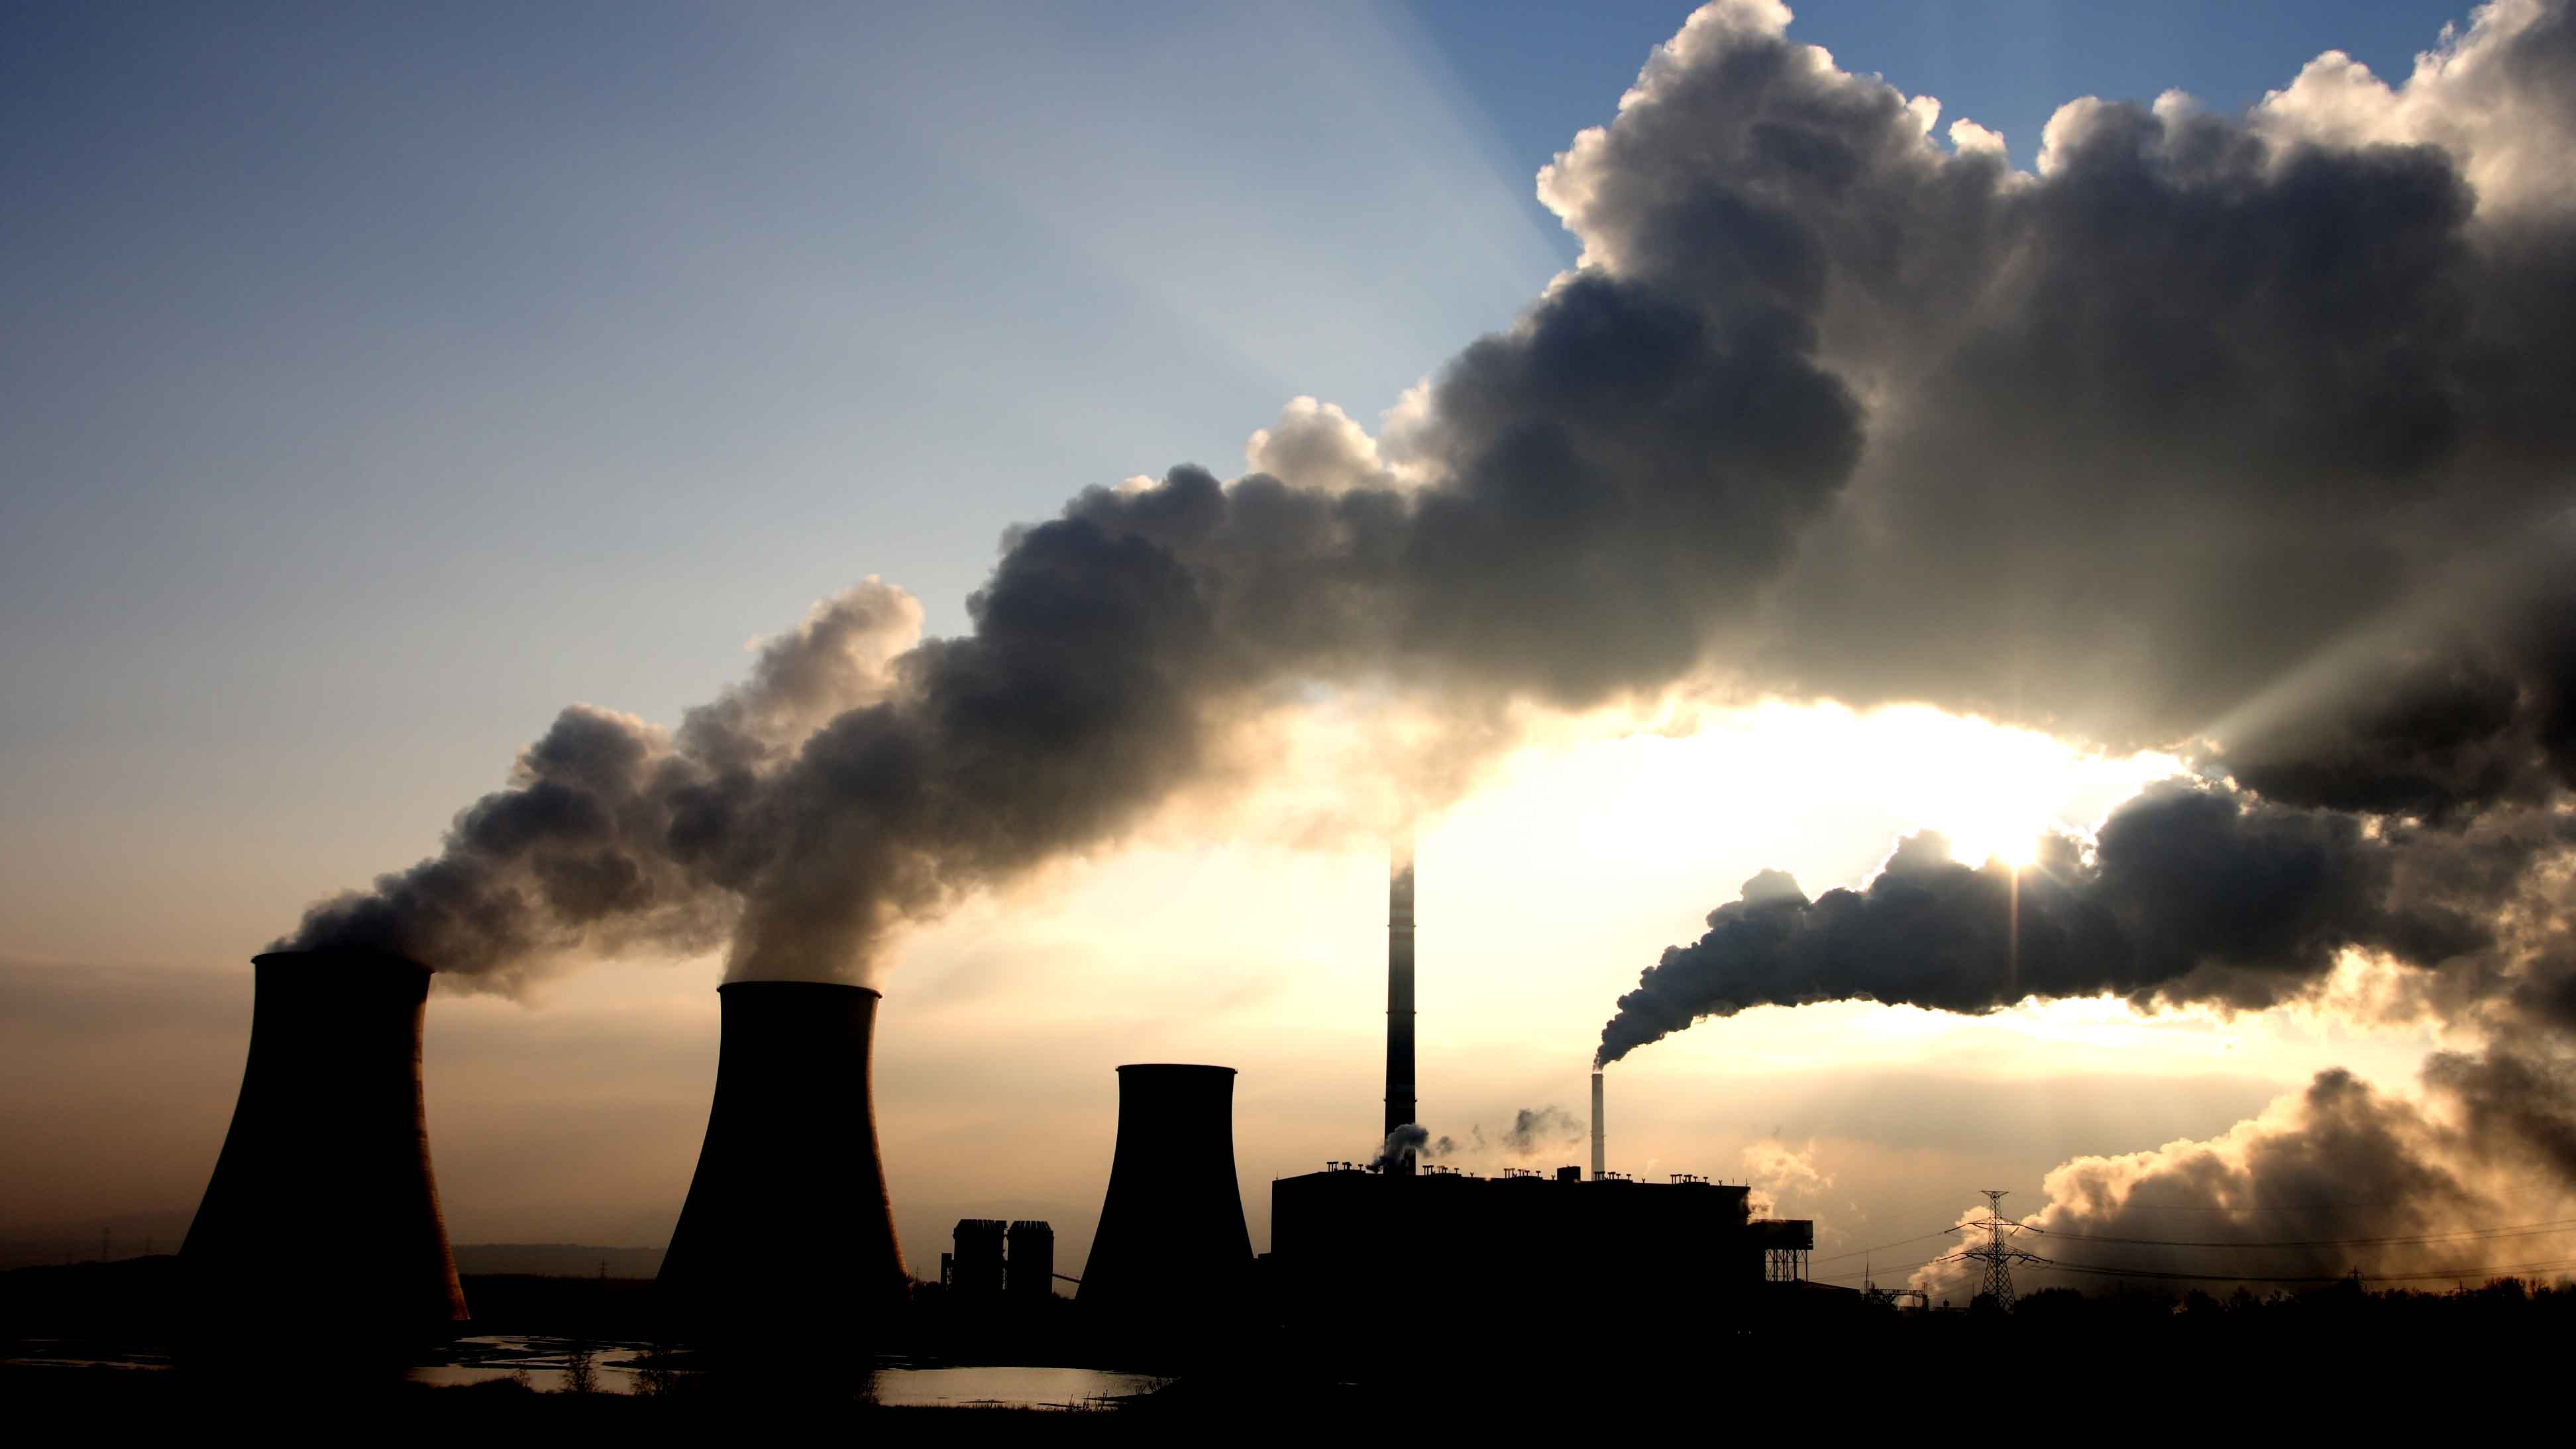 Los problemas ambientales tradicionales, lamentablemente, depende en su mayoría de compañías que realizan actividades contaminantes de forma despreocupada